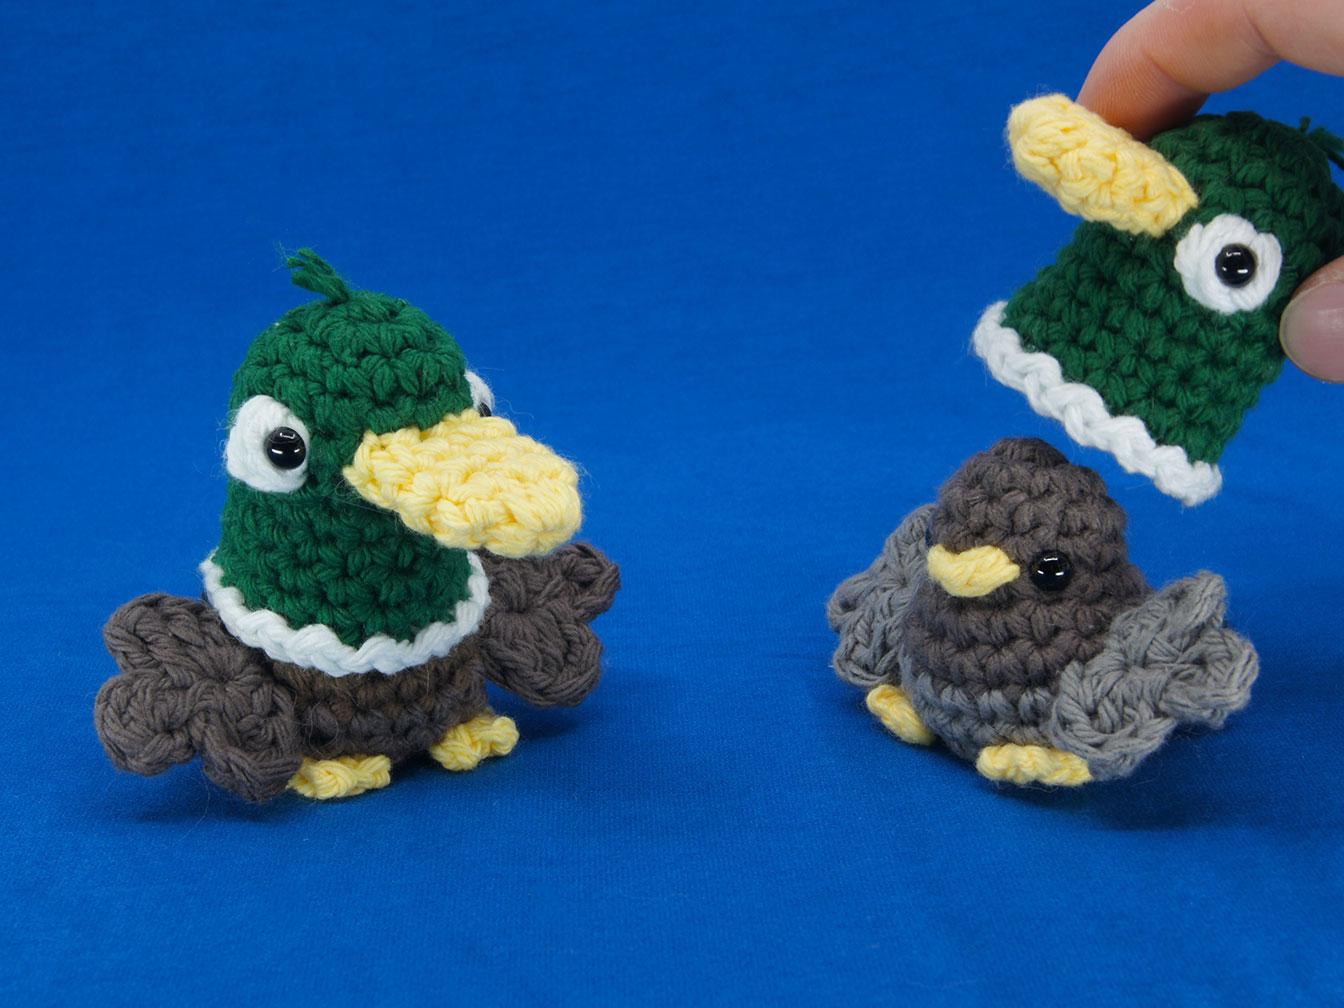 Duck Birb Amigurumi